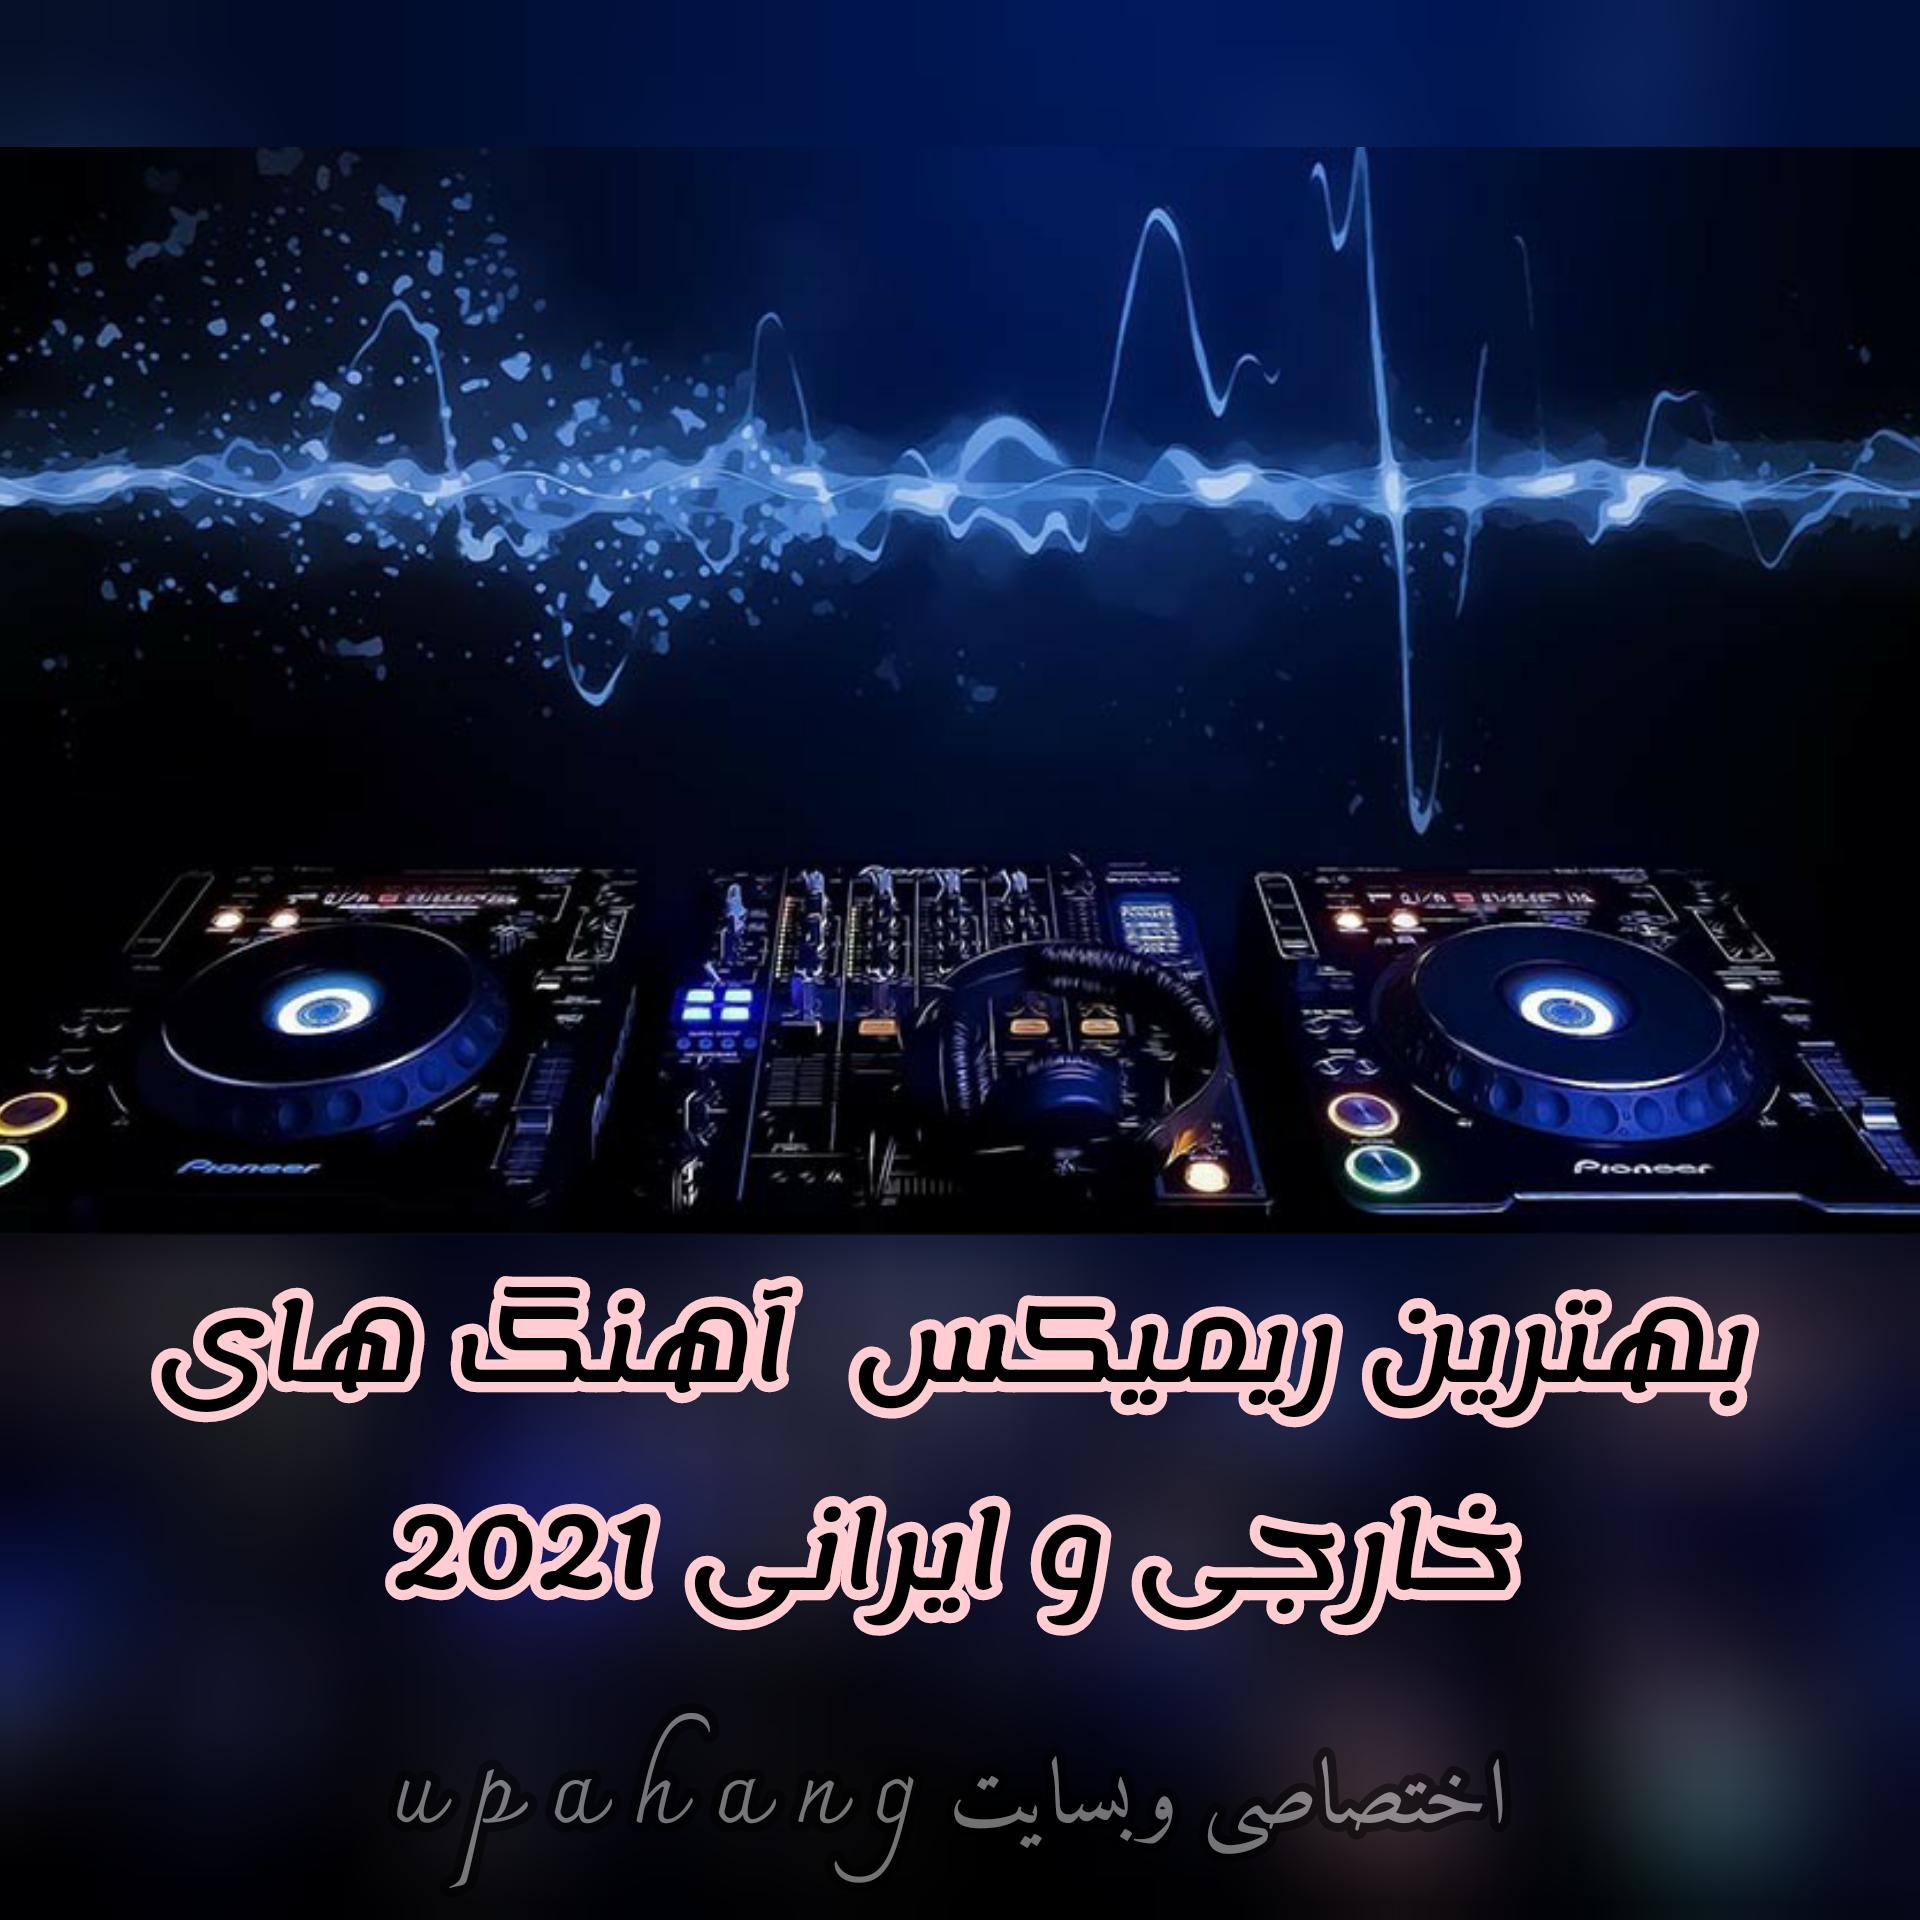 بهترین ریمیکس آهنگ های خارجی و ایرانی 2021